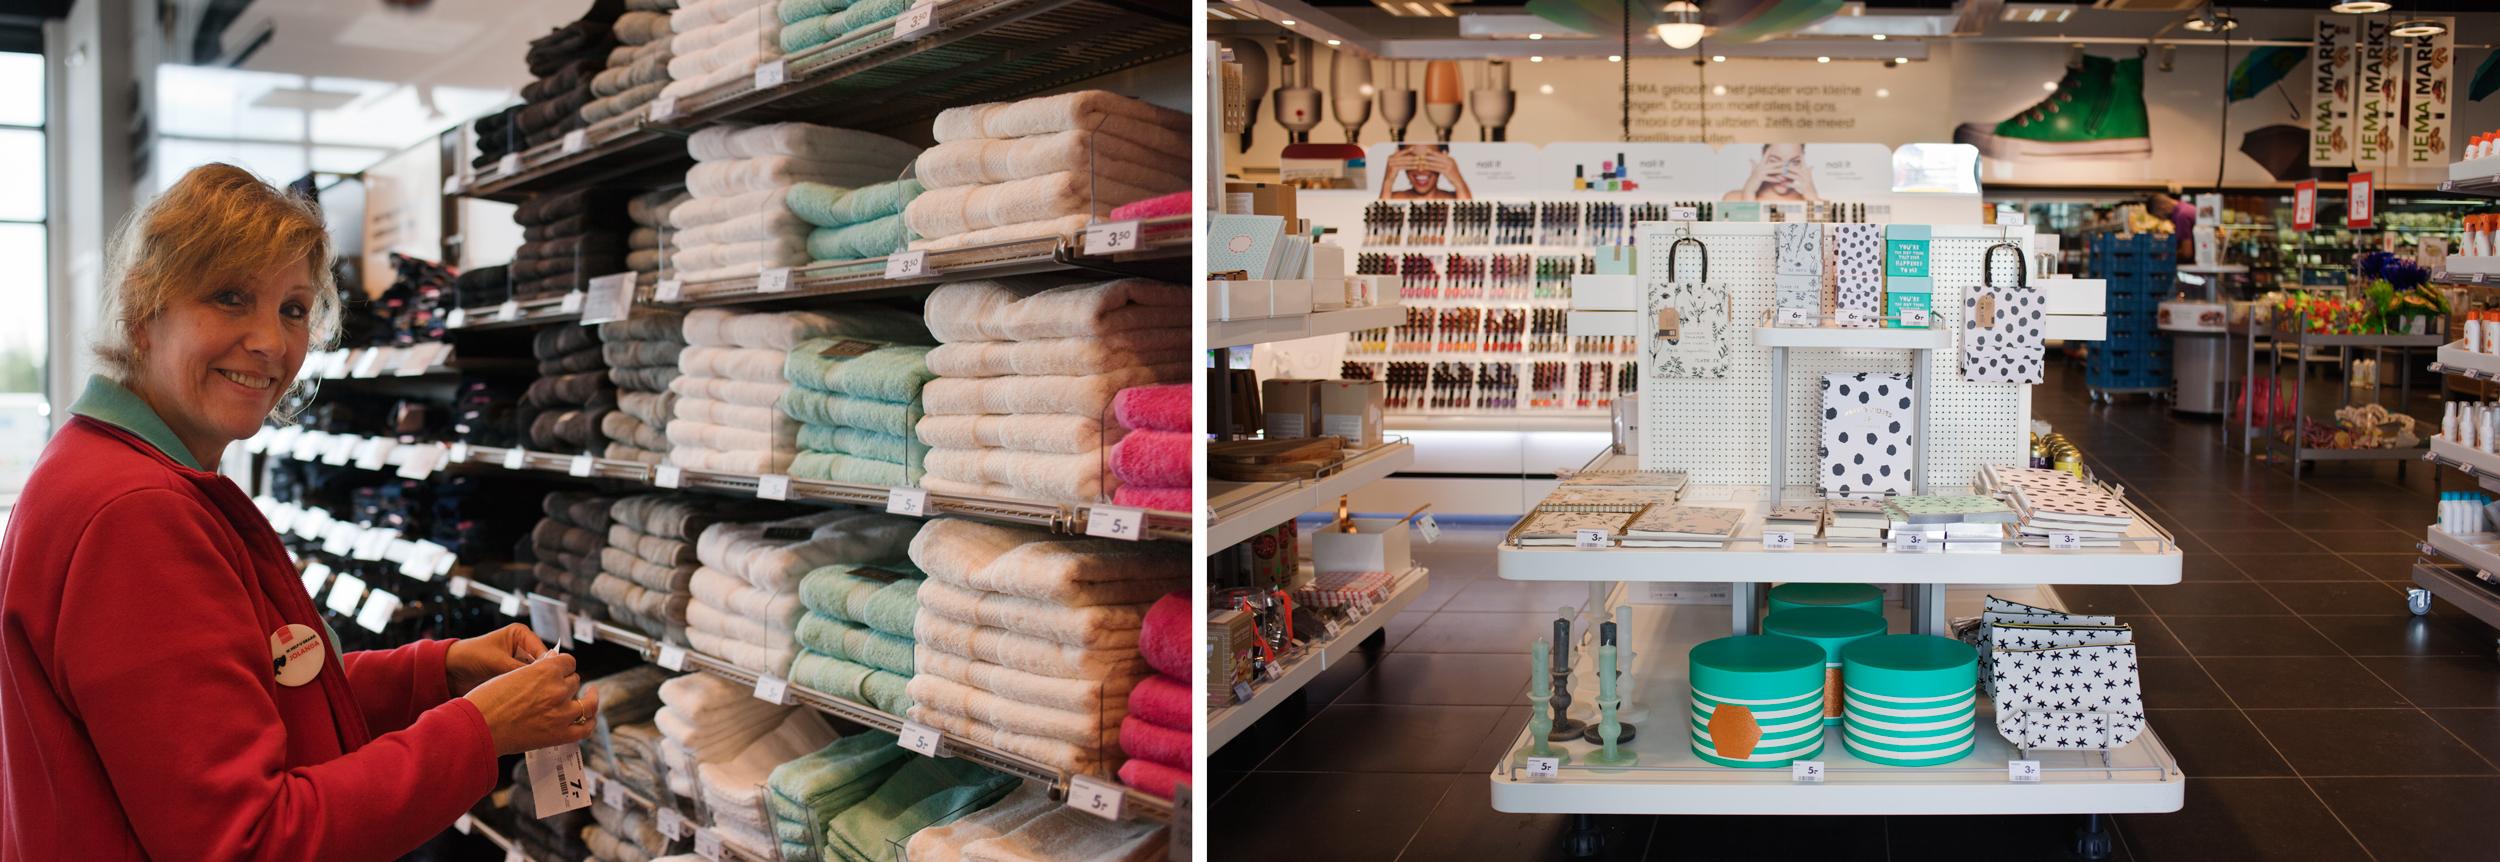 A la izquierda, los artículos tal y como se disponen en las tiendas en Holanda. A la derecha las mesas que se utilizan para mostrar el producto de una manera más visible en las tiendas del resto de Europa. © Fernández Solla Fotografie